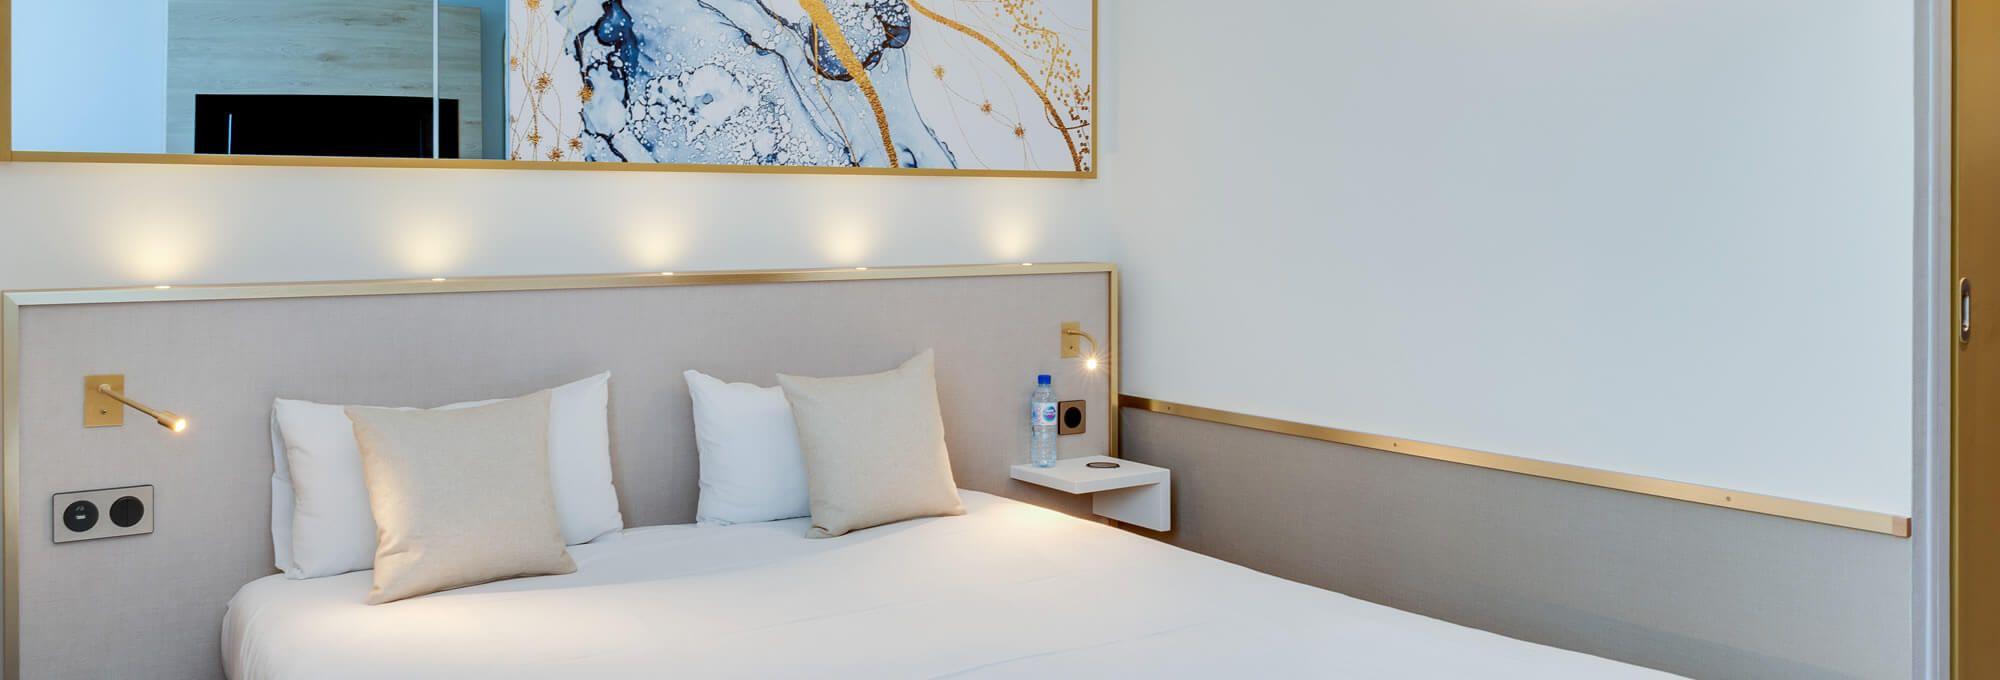 Chambre de l'hôtel brit hotel orléans